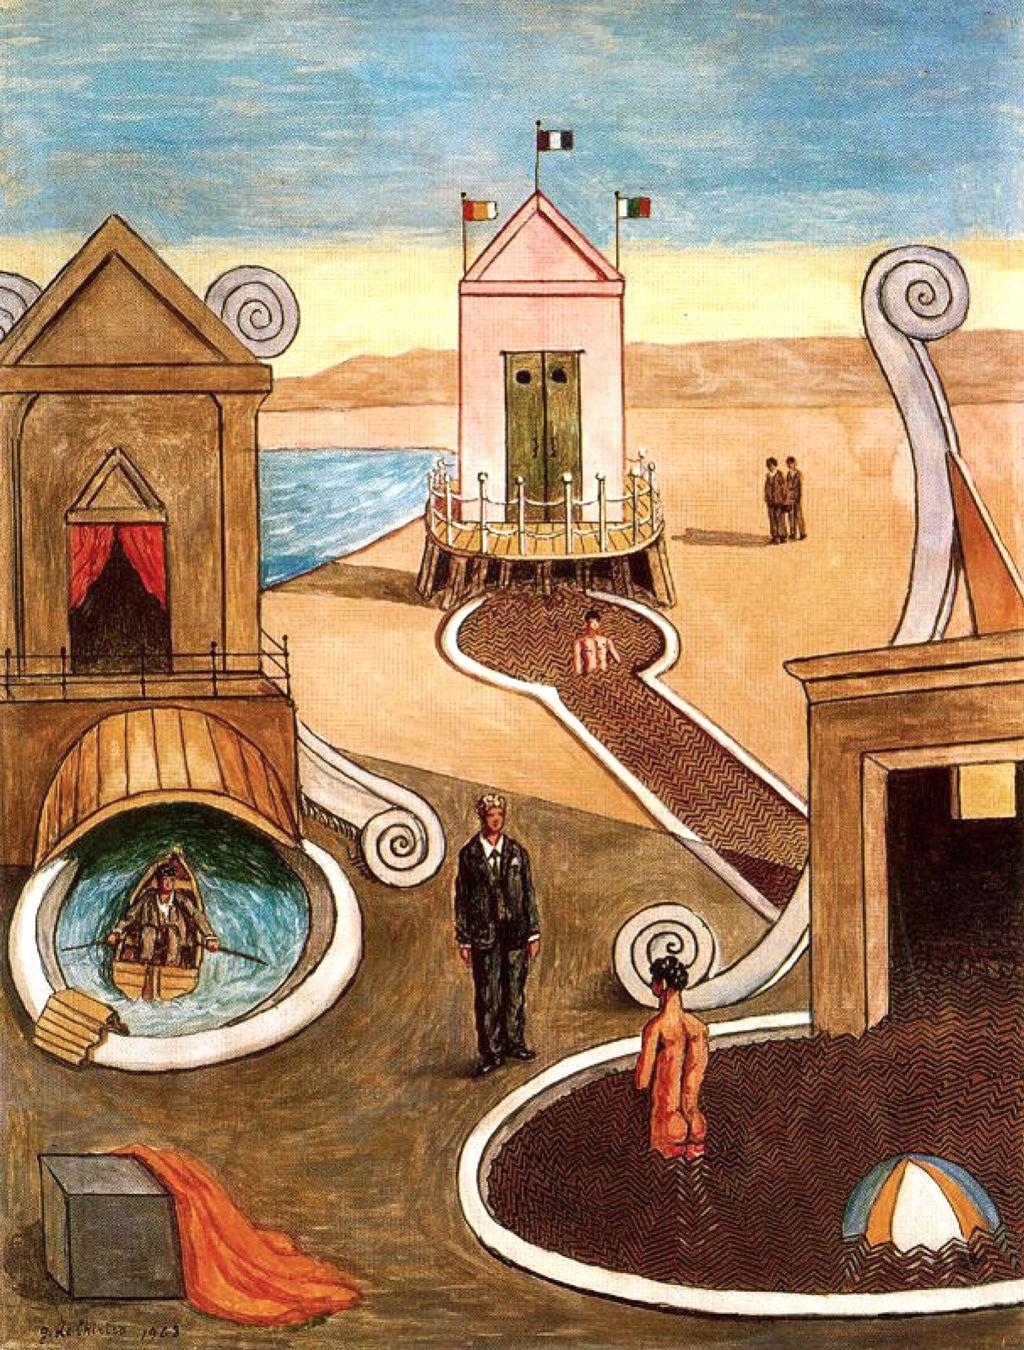 Giorgio de Chirico, Bagni Misteriosi - 1968